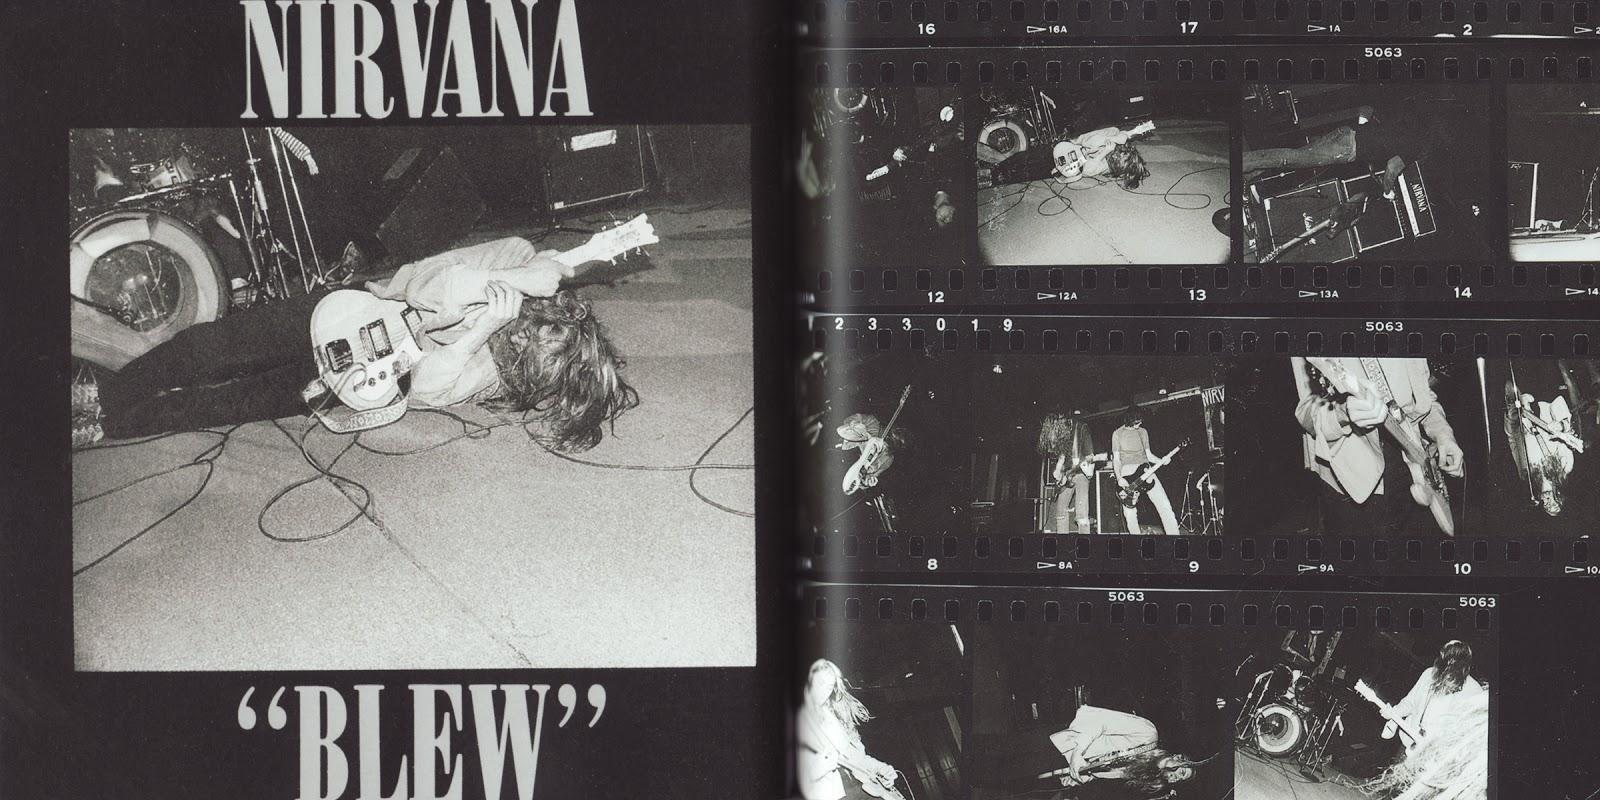 Nirvana spank thru lyrics draw?